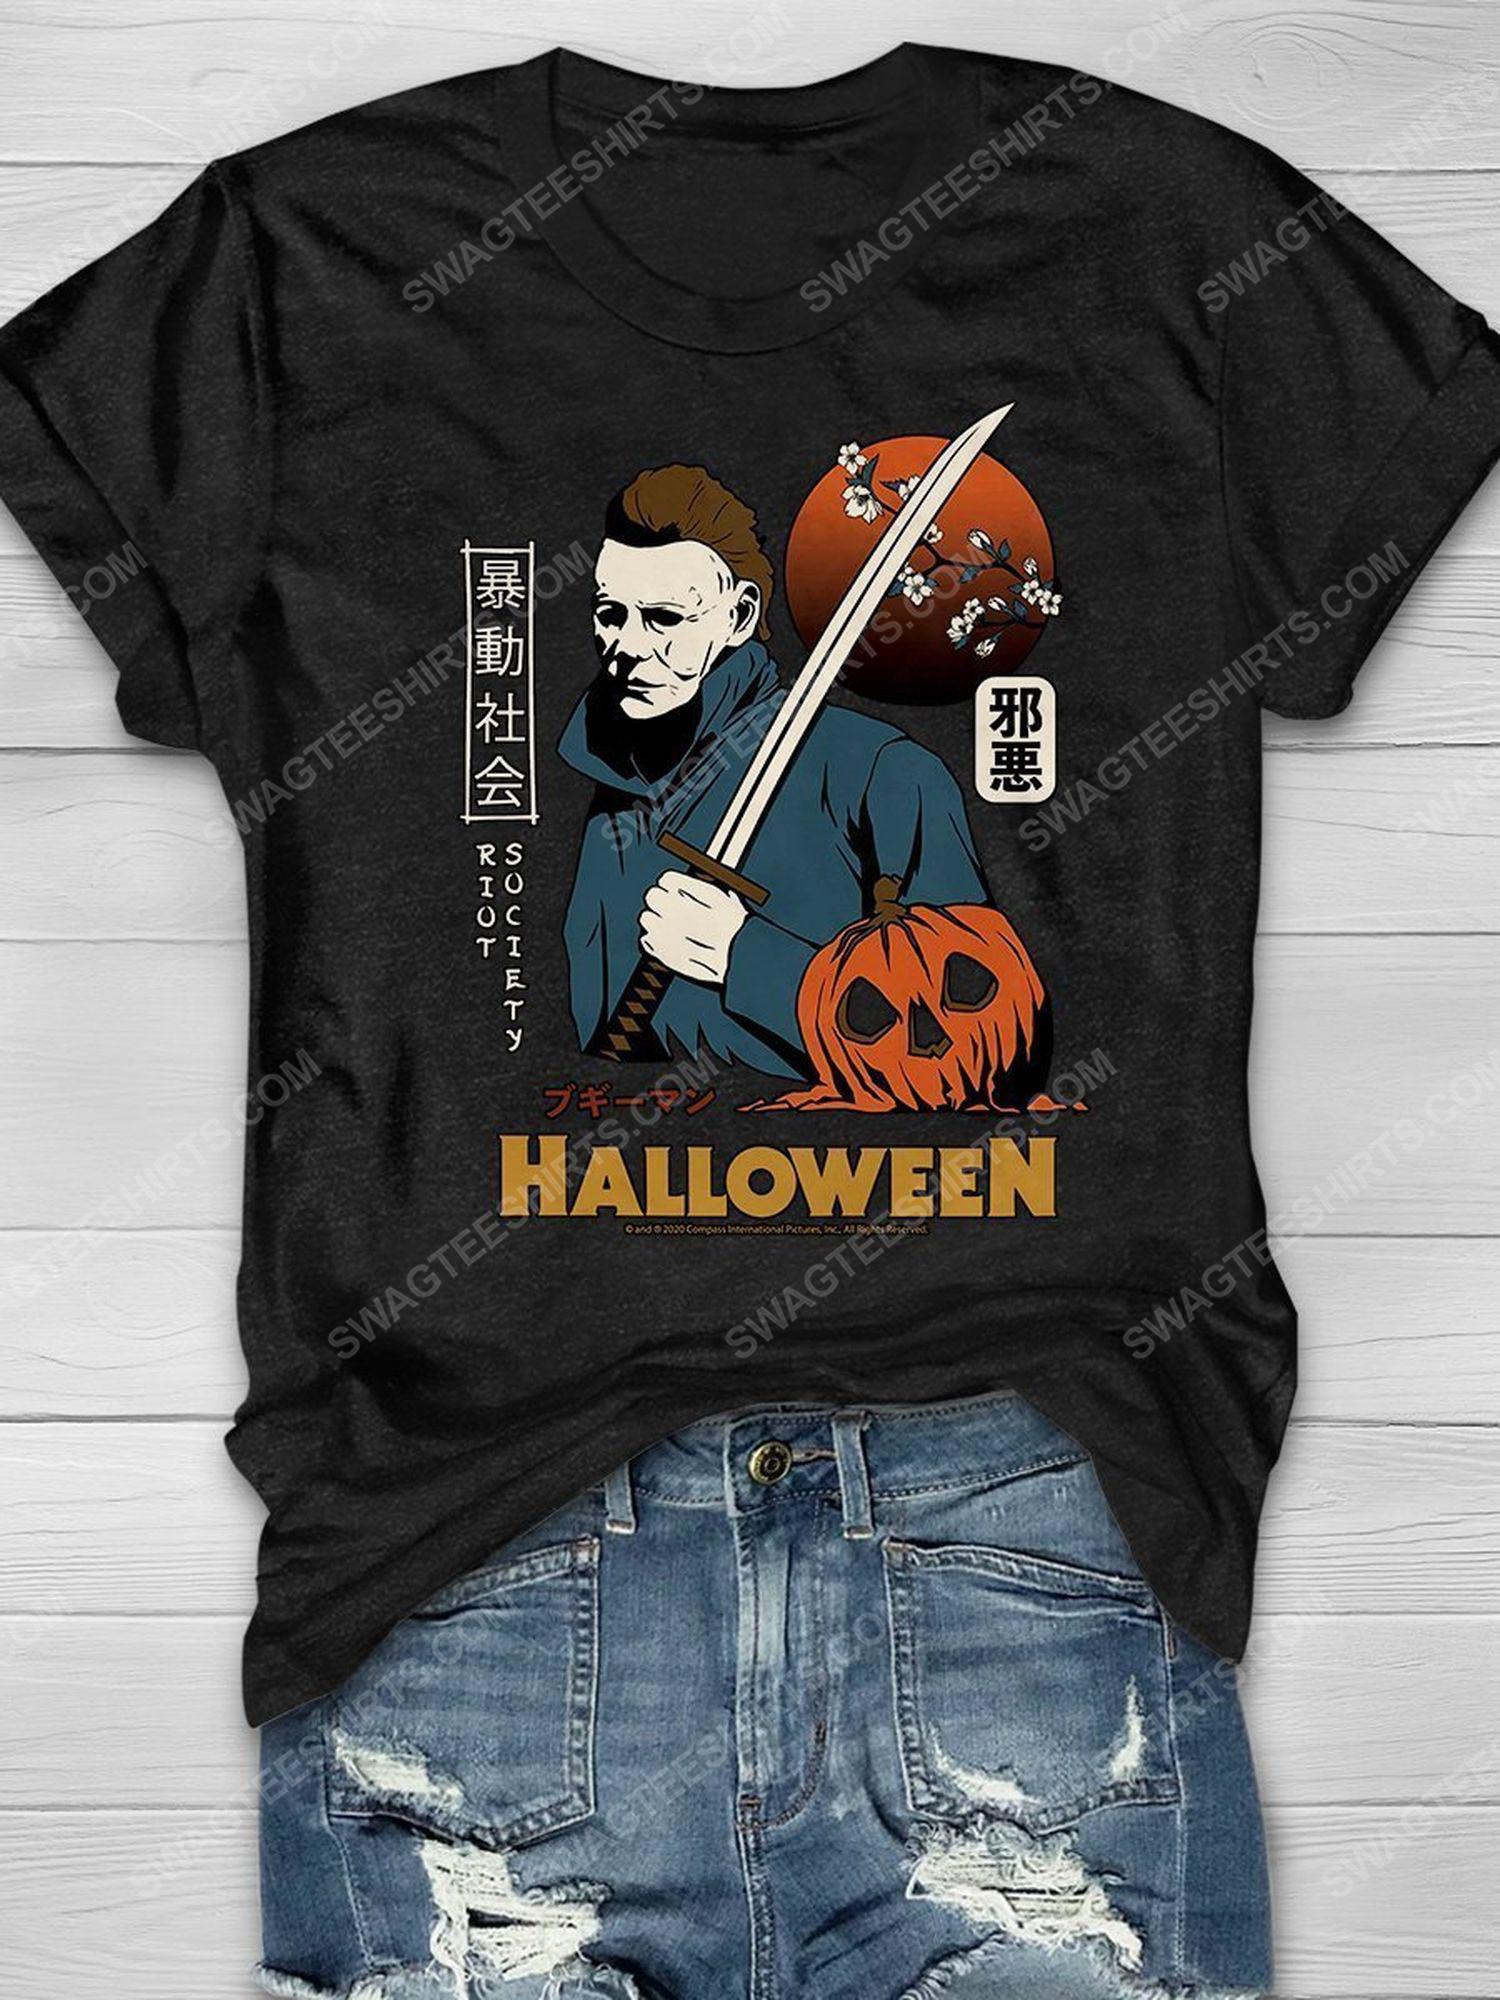 Halloween Michael myers with katana shirt 1